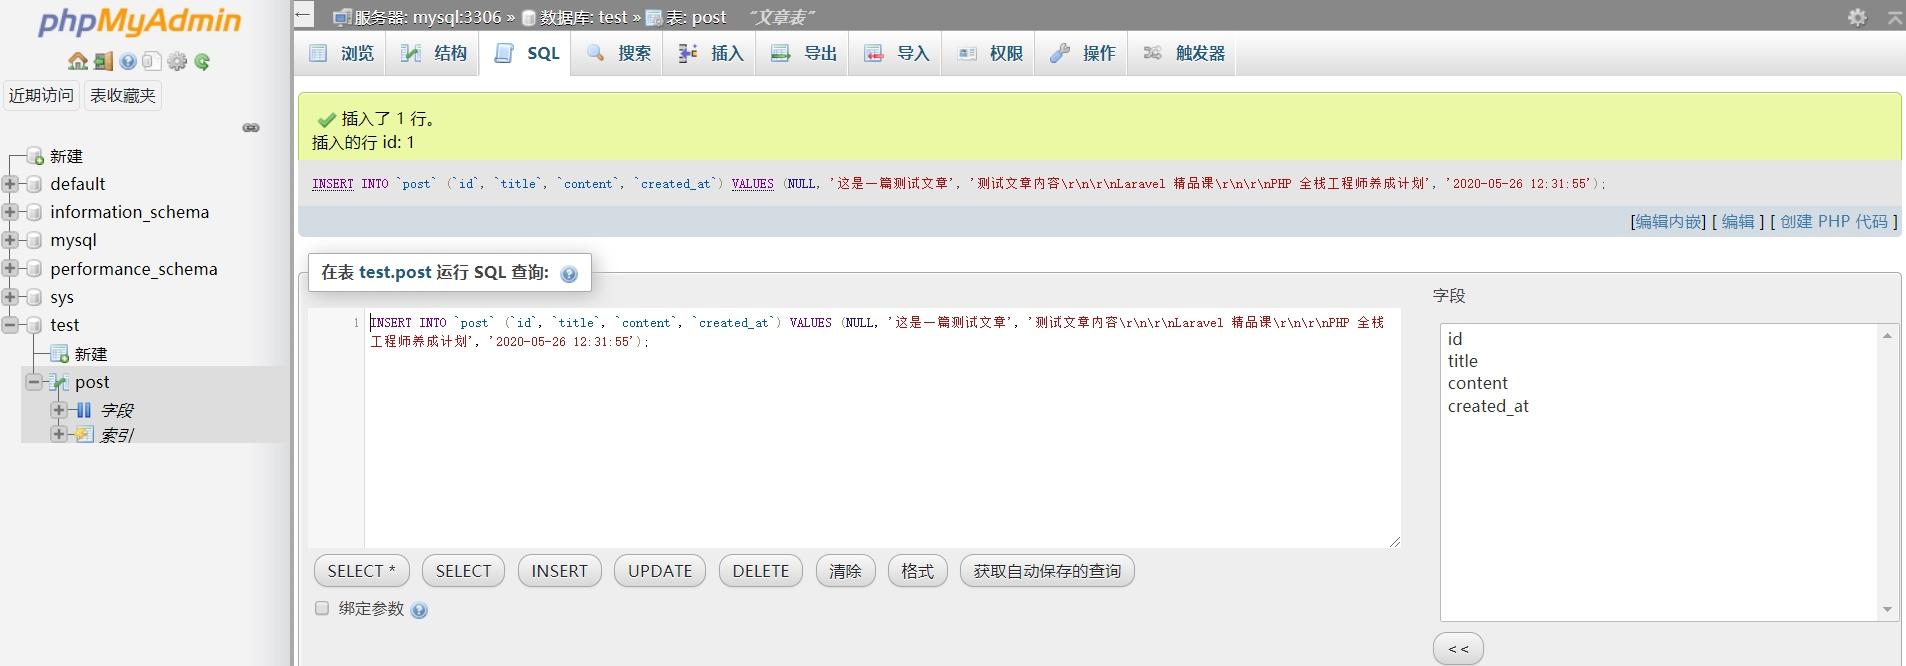 插入 SQL 语句